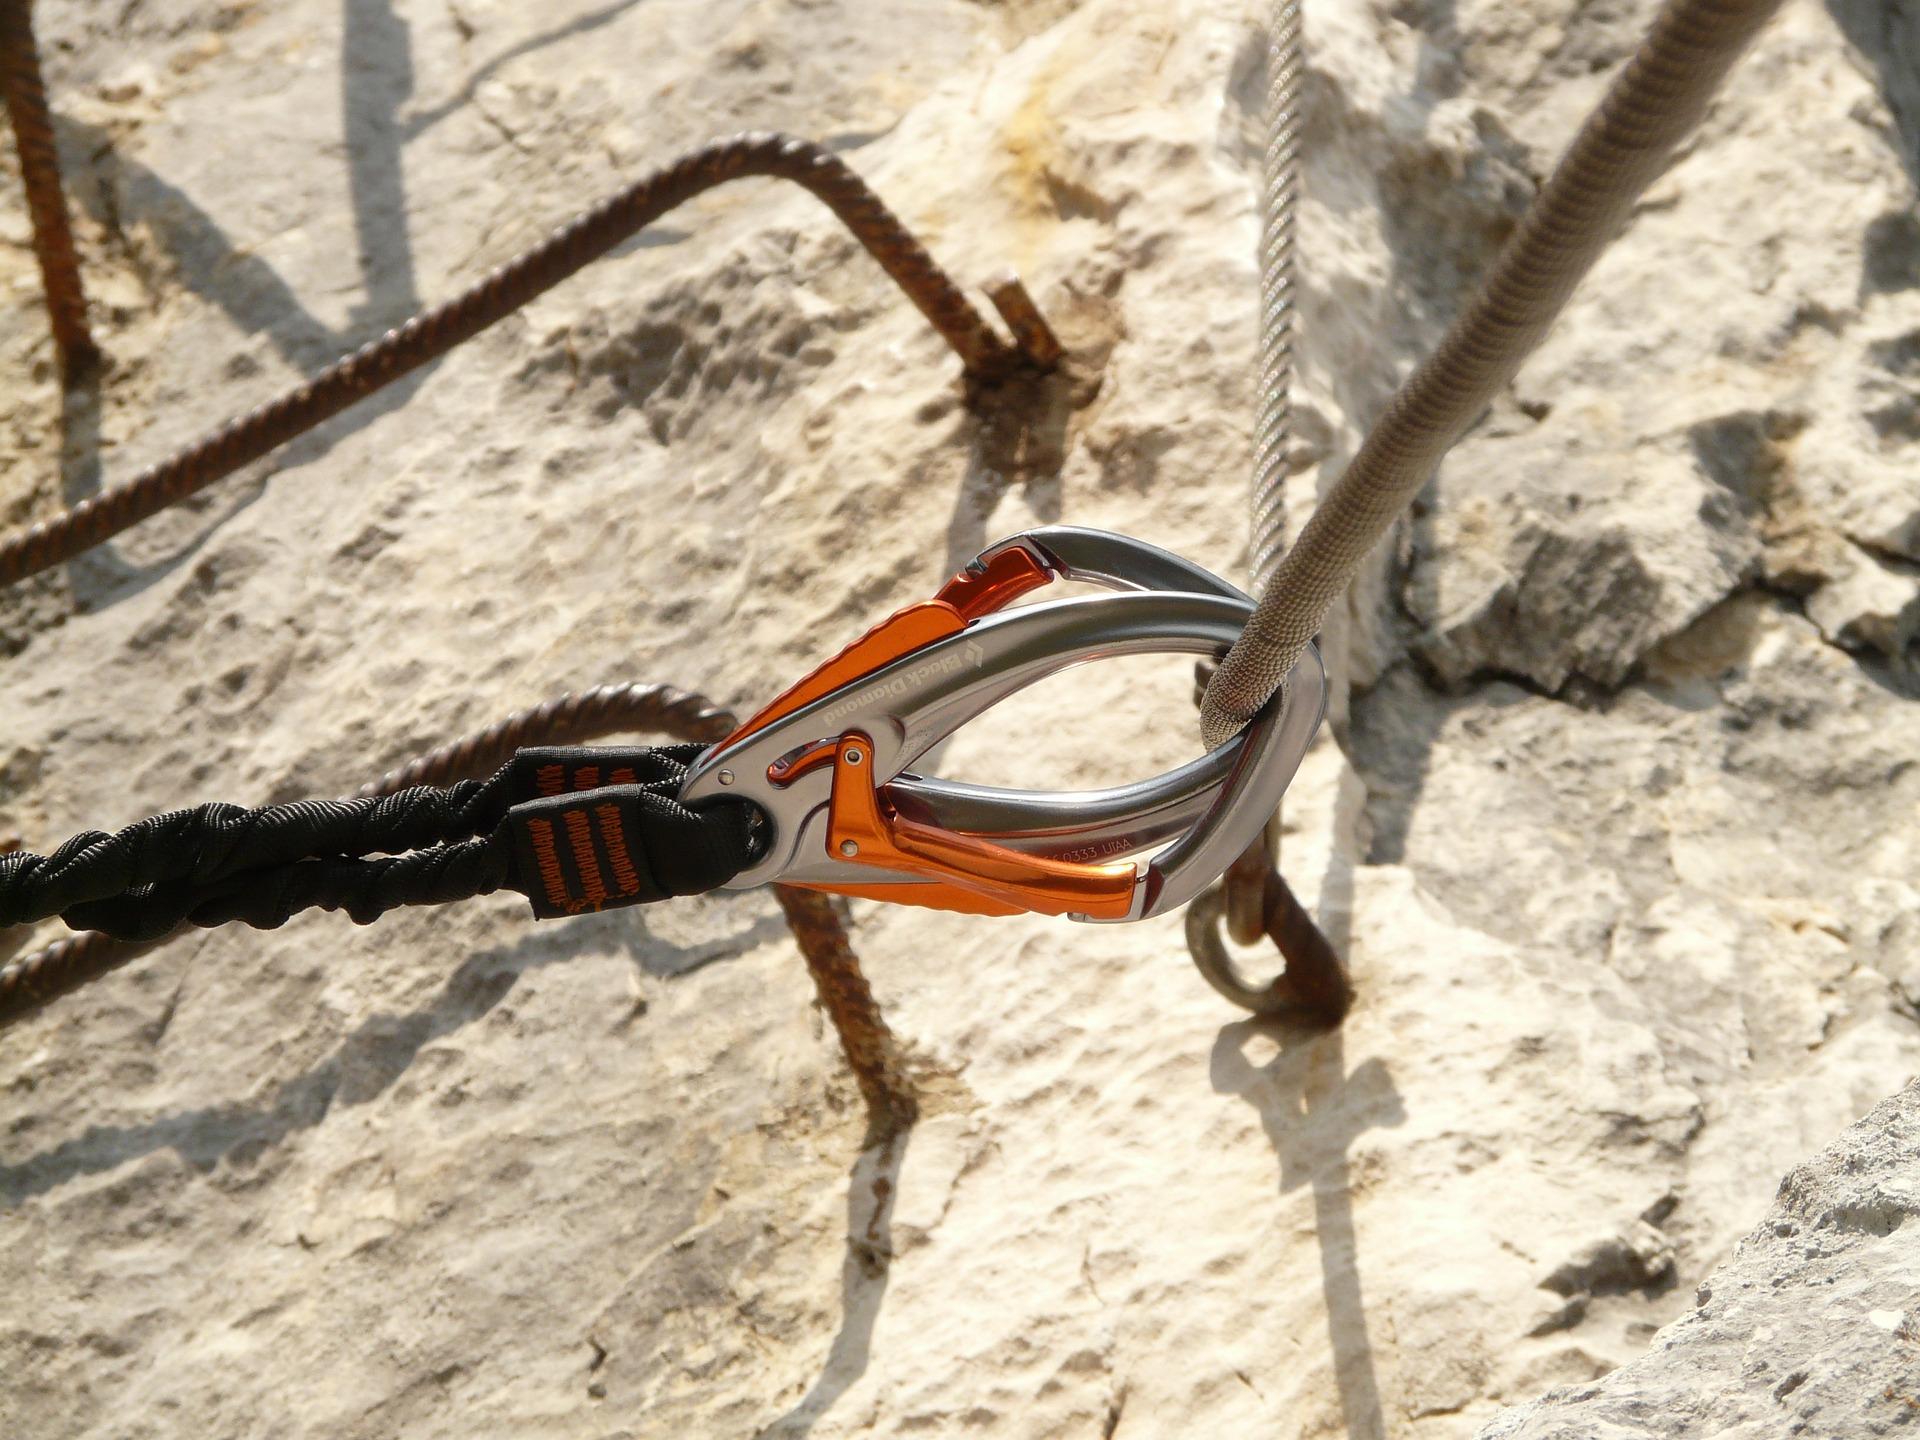 Klettersteigset Kinder Test : Camp vortex gyro klettersteigset test und tipps